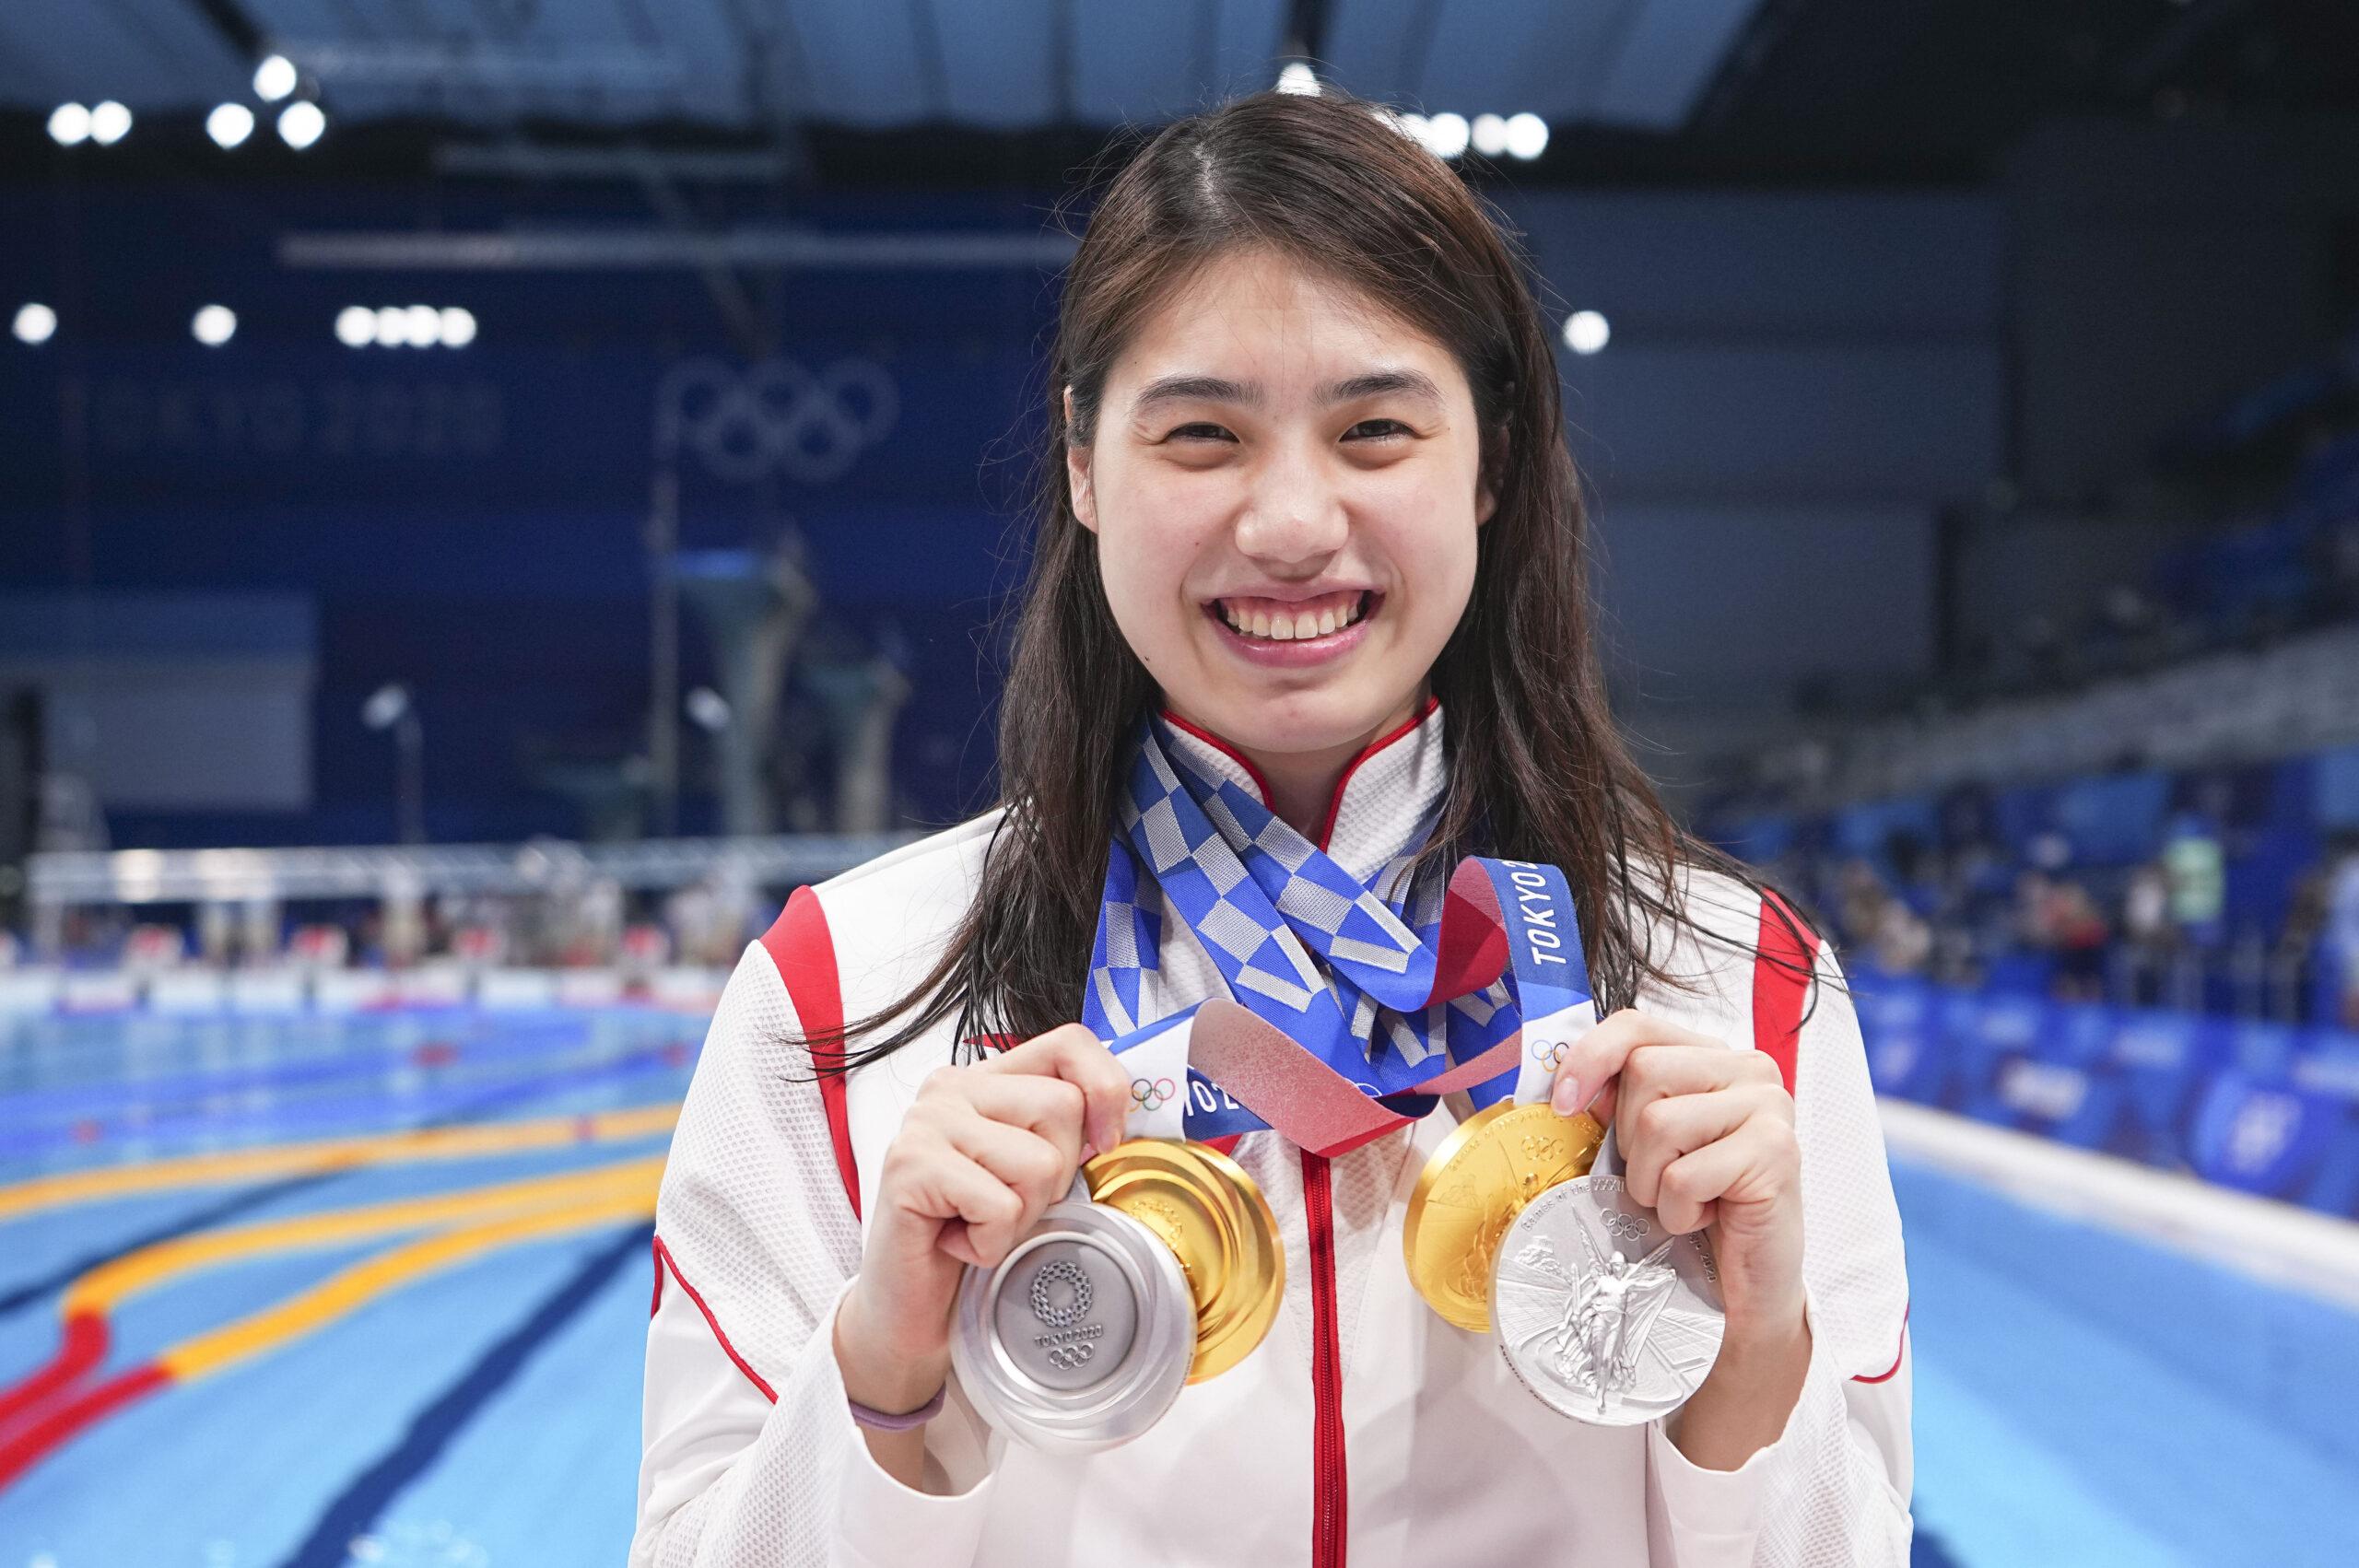 จีนเชิดชูเกียรติ 'นักกีฬาหญิง' ร่วมศึกโอลิมปิก